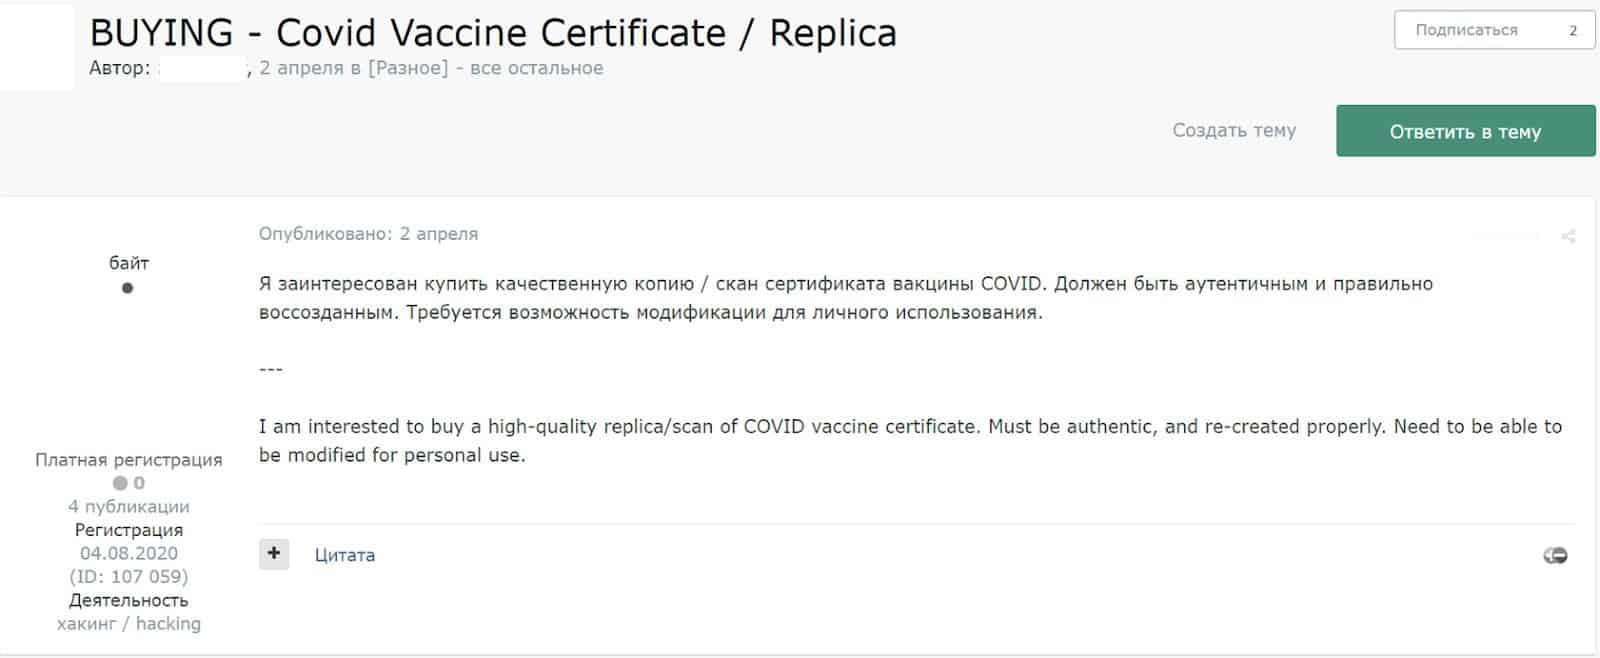 Figure 4. Cybercriminal forum user requests COVID Vaccine Certificate